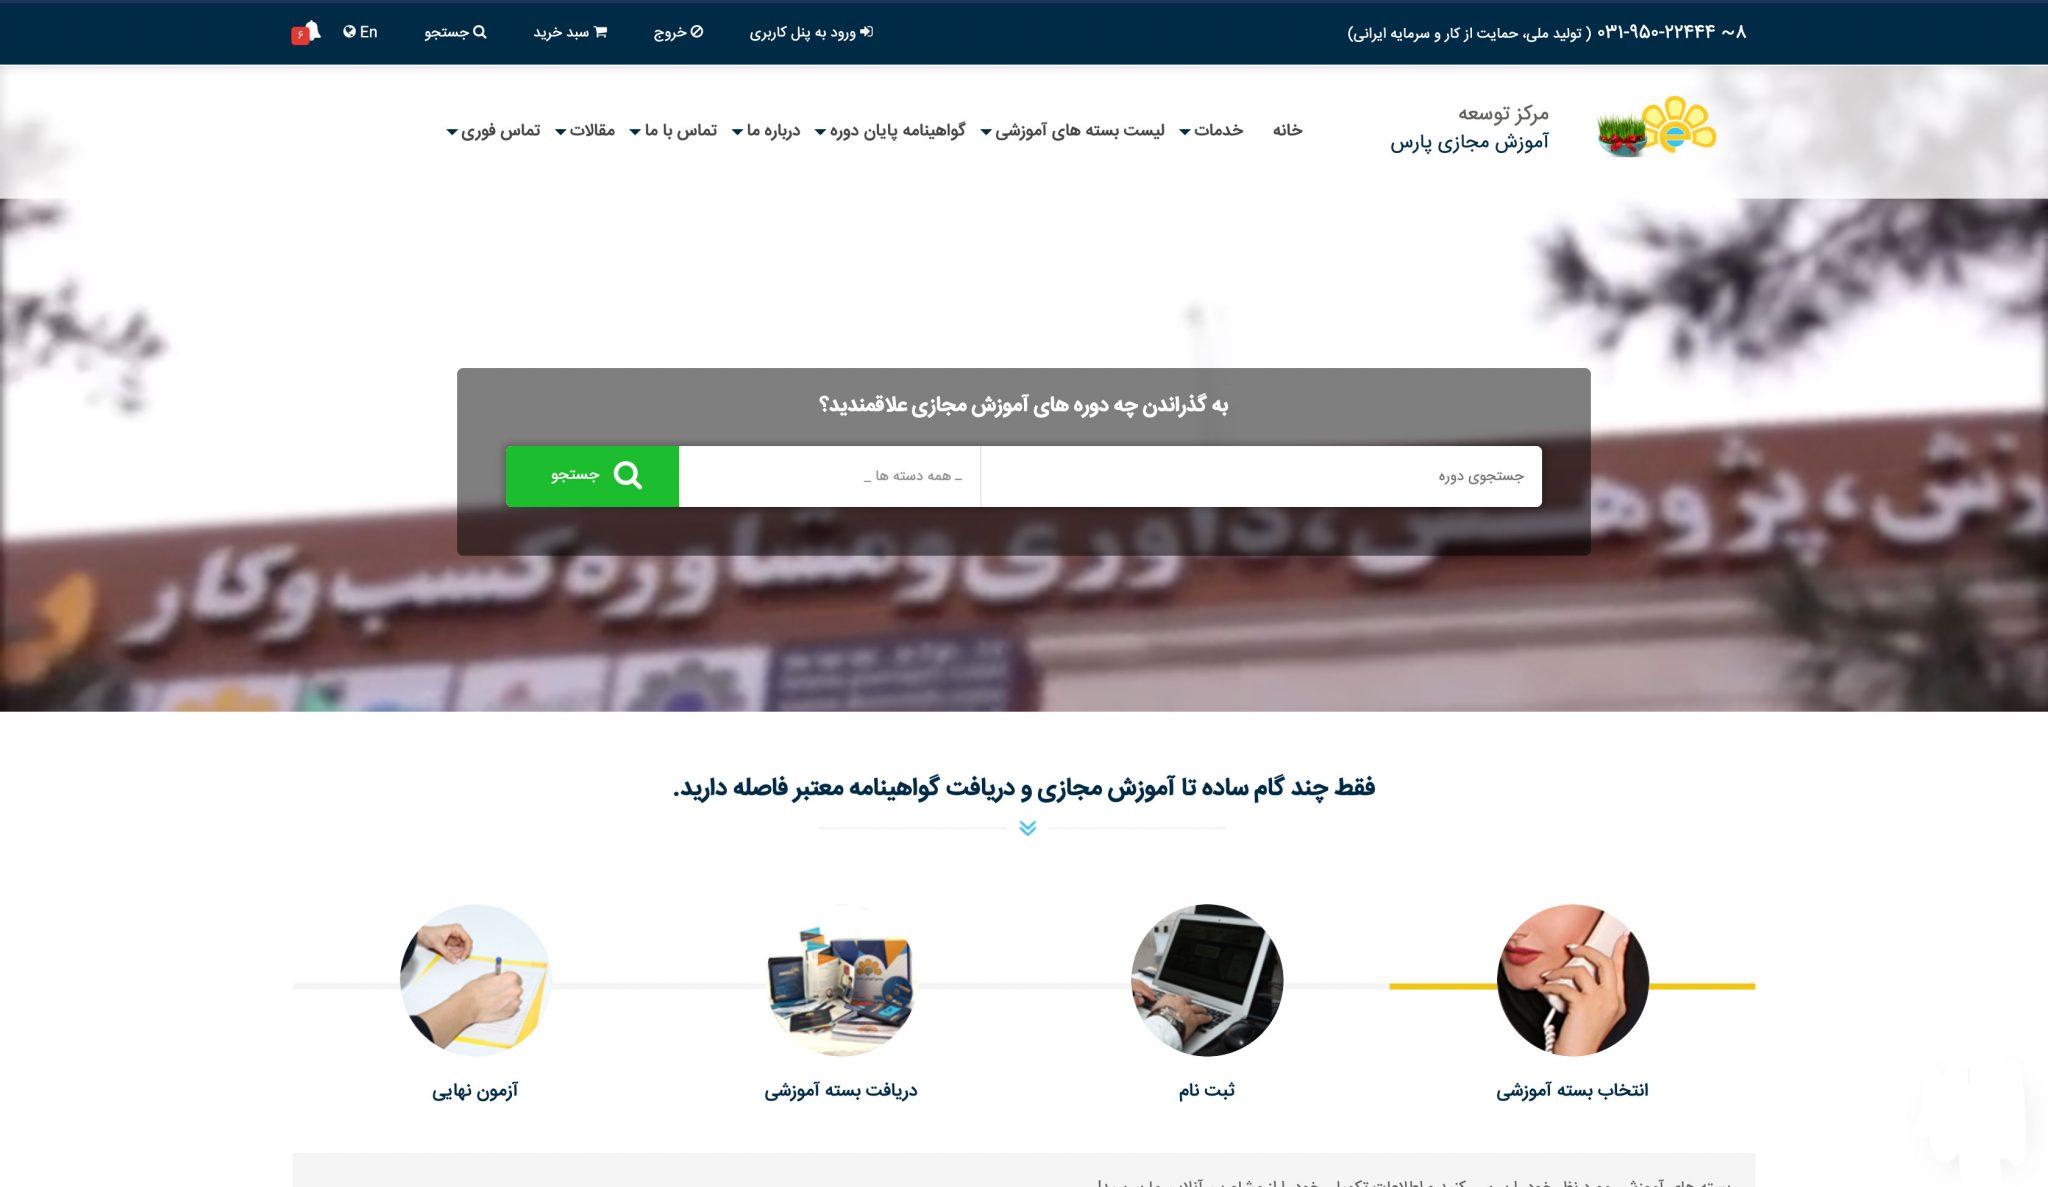 سایت آموزش مجازی پارس